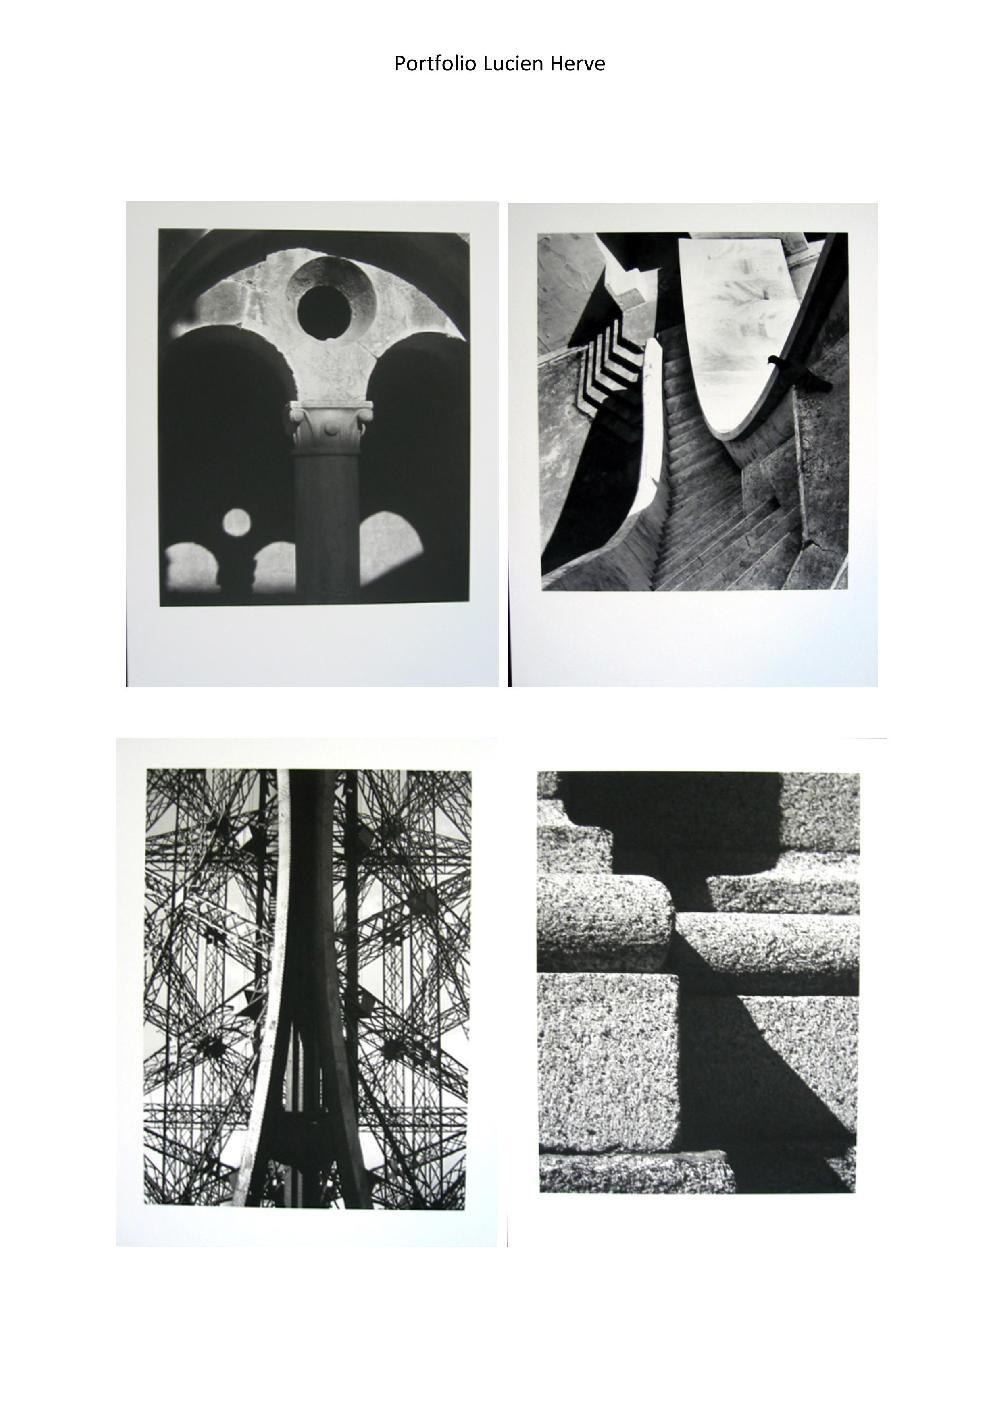 L'oeil de l'architecte. Lucien Hervé (1910-2007). Portfolio